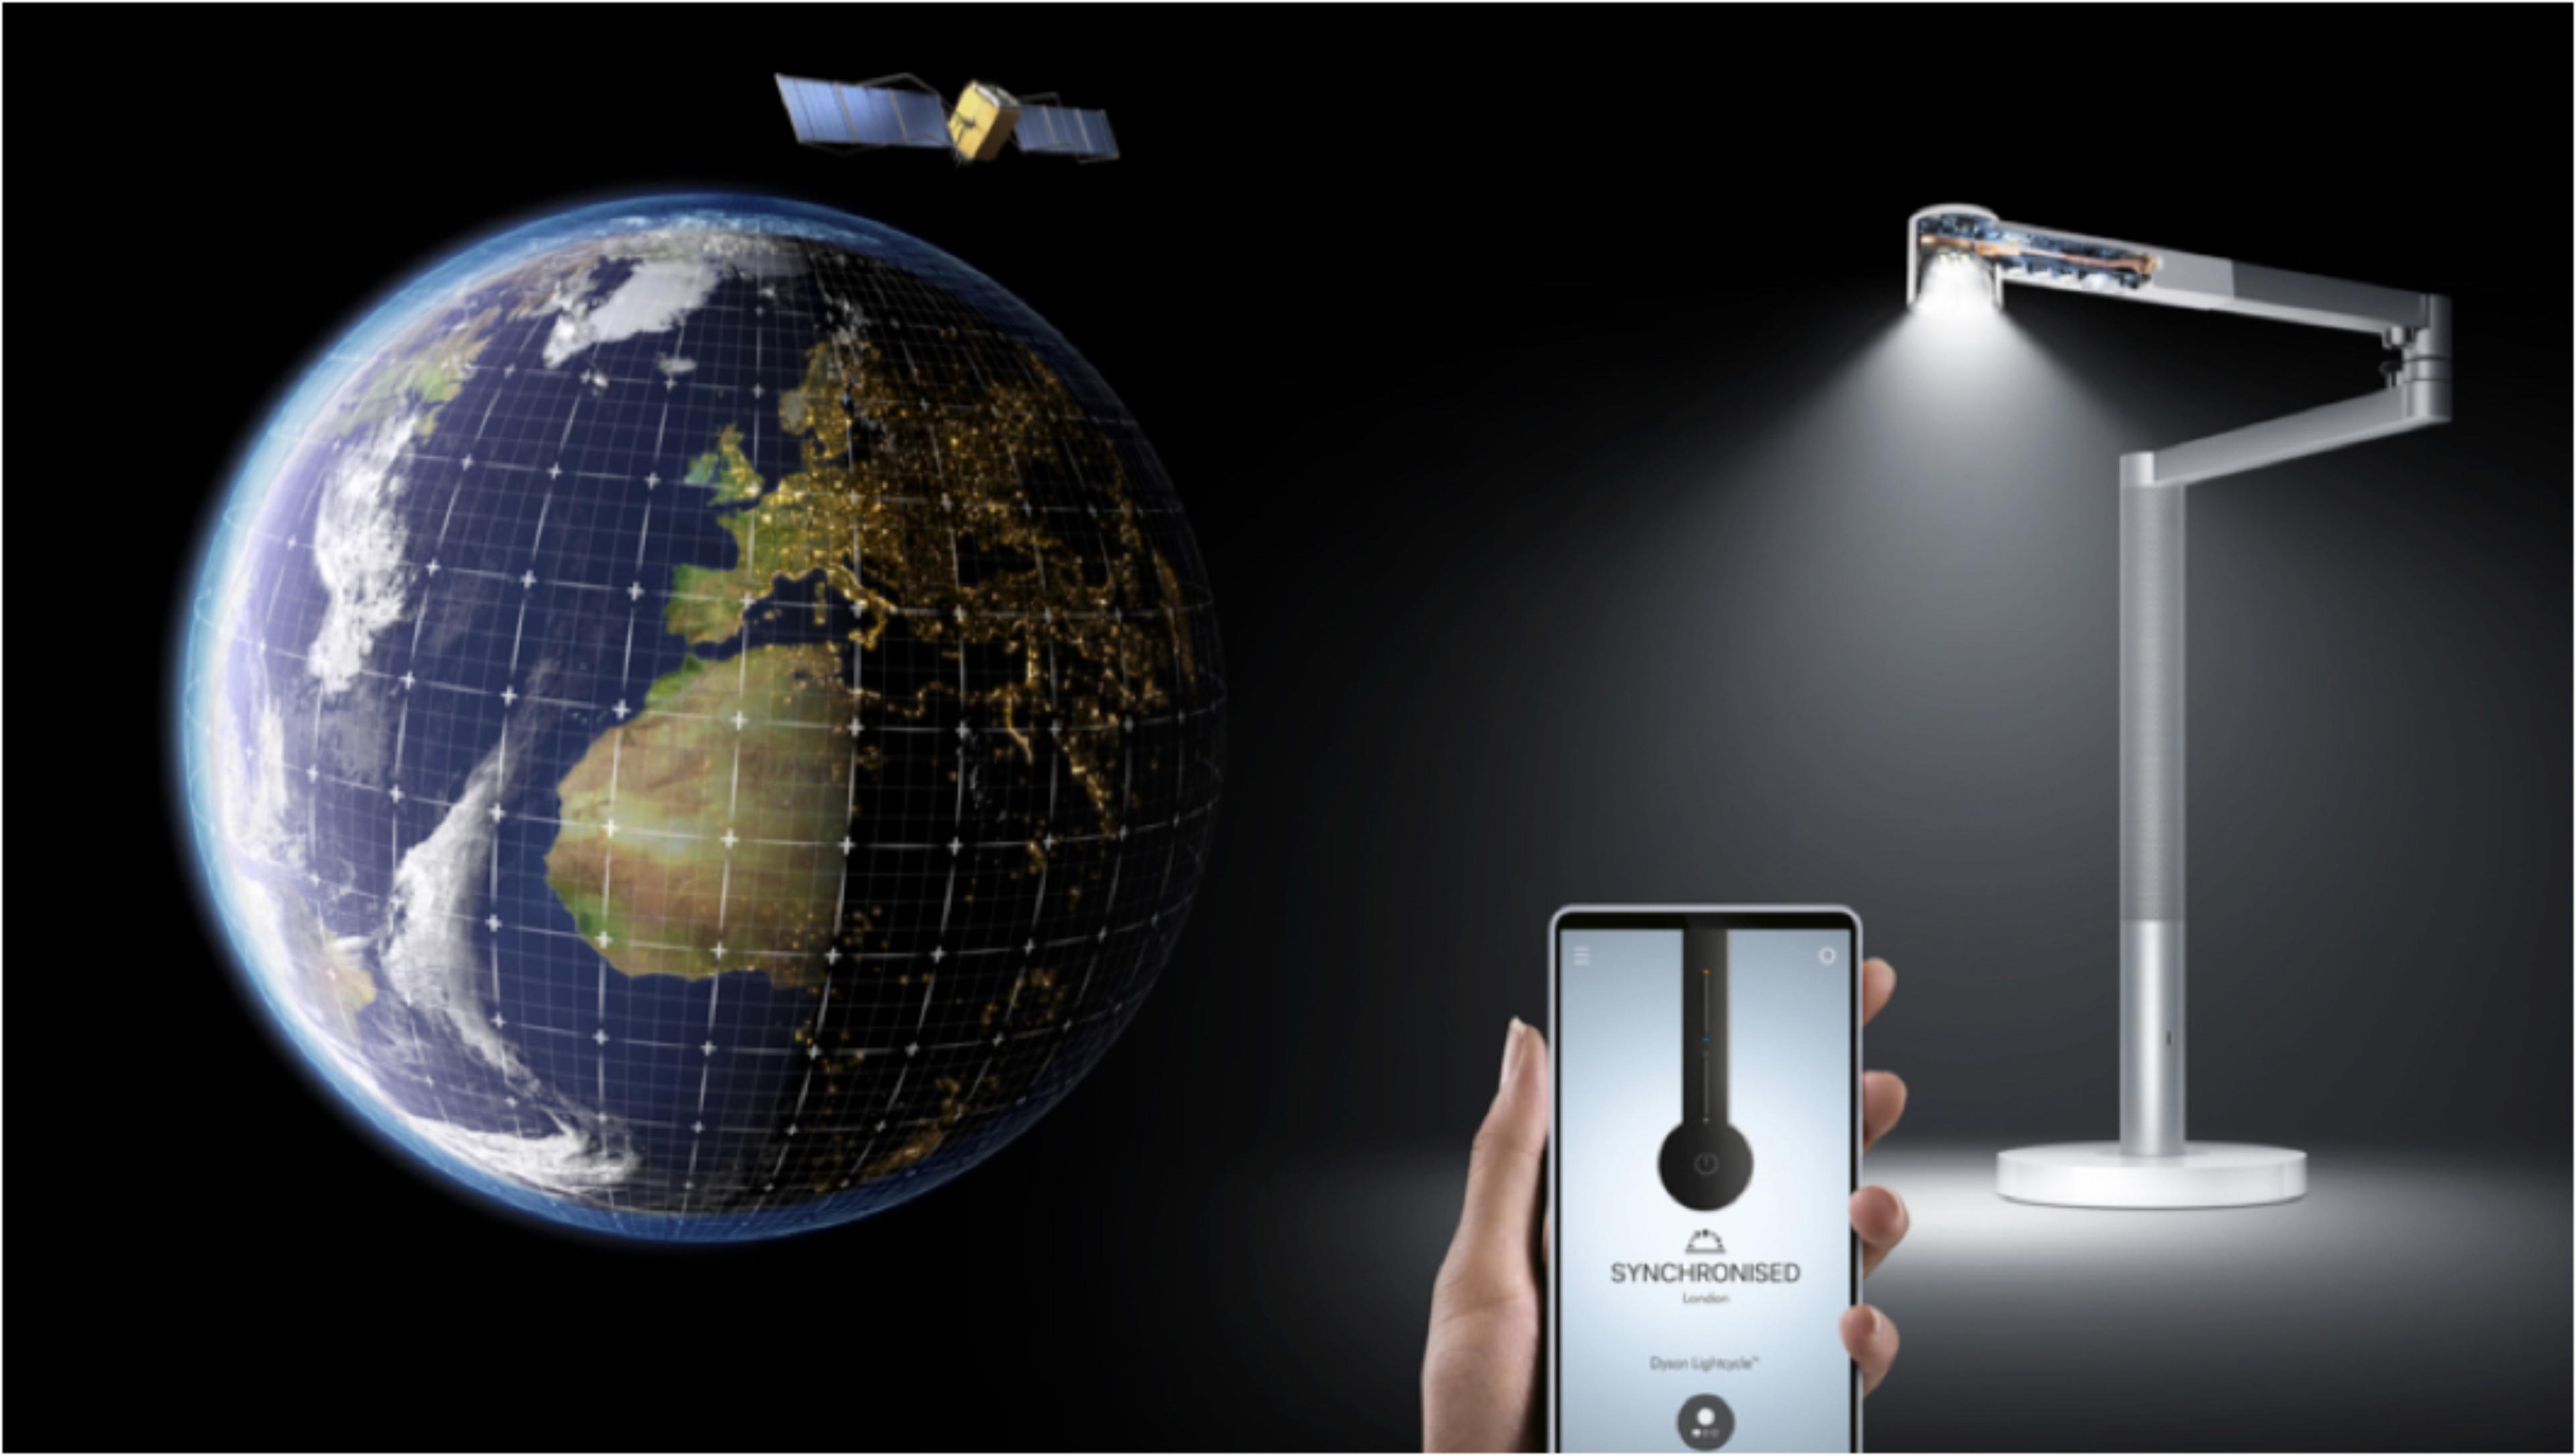 ตำแหน่งบนโลกใช้สำหรับอัลกอริทึมติดตามแสงธรรมชาติในแอป Dyson Link